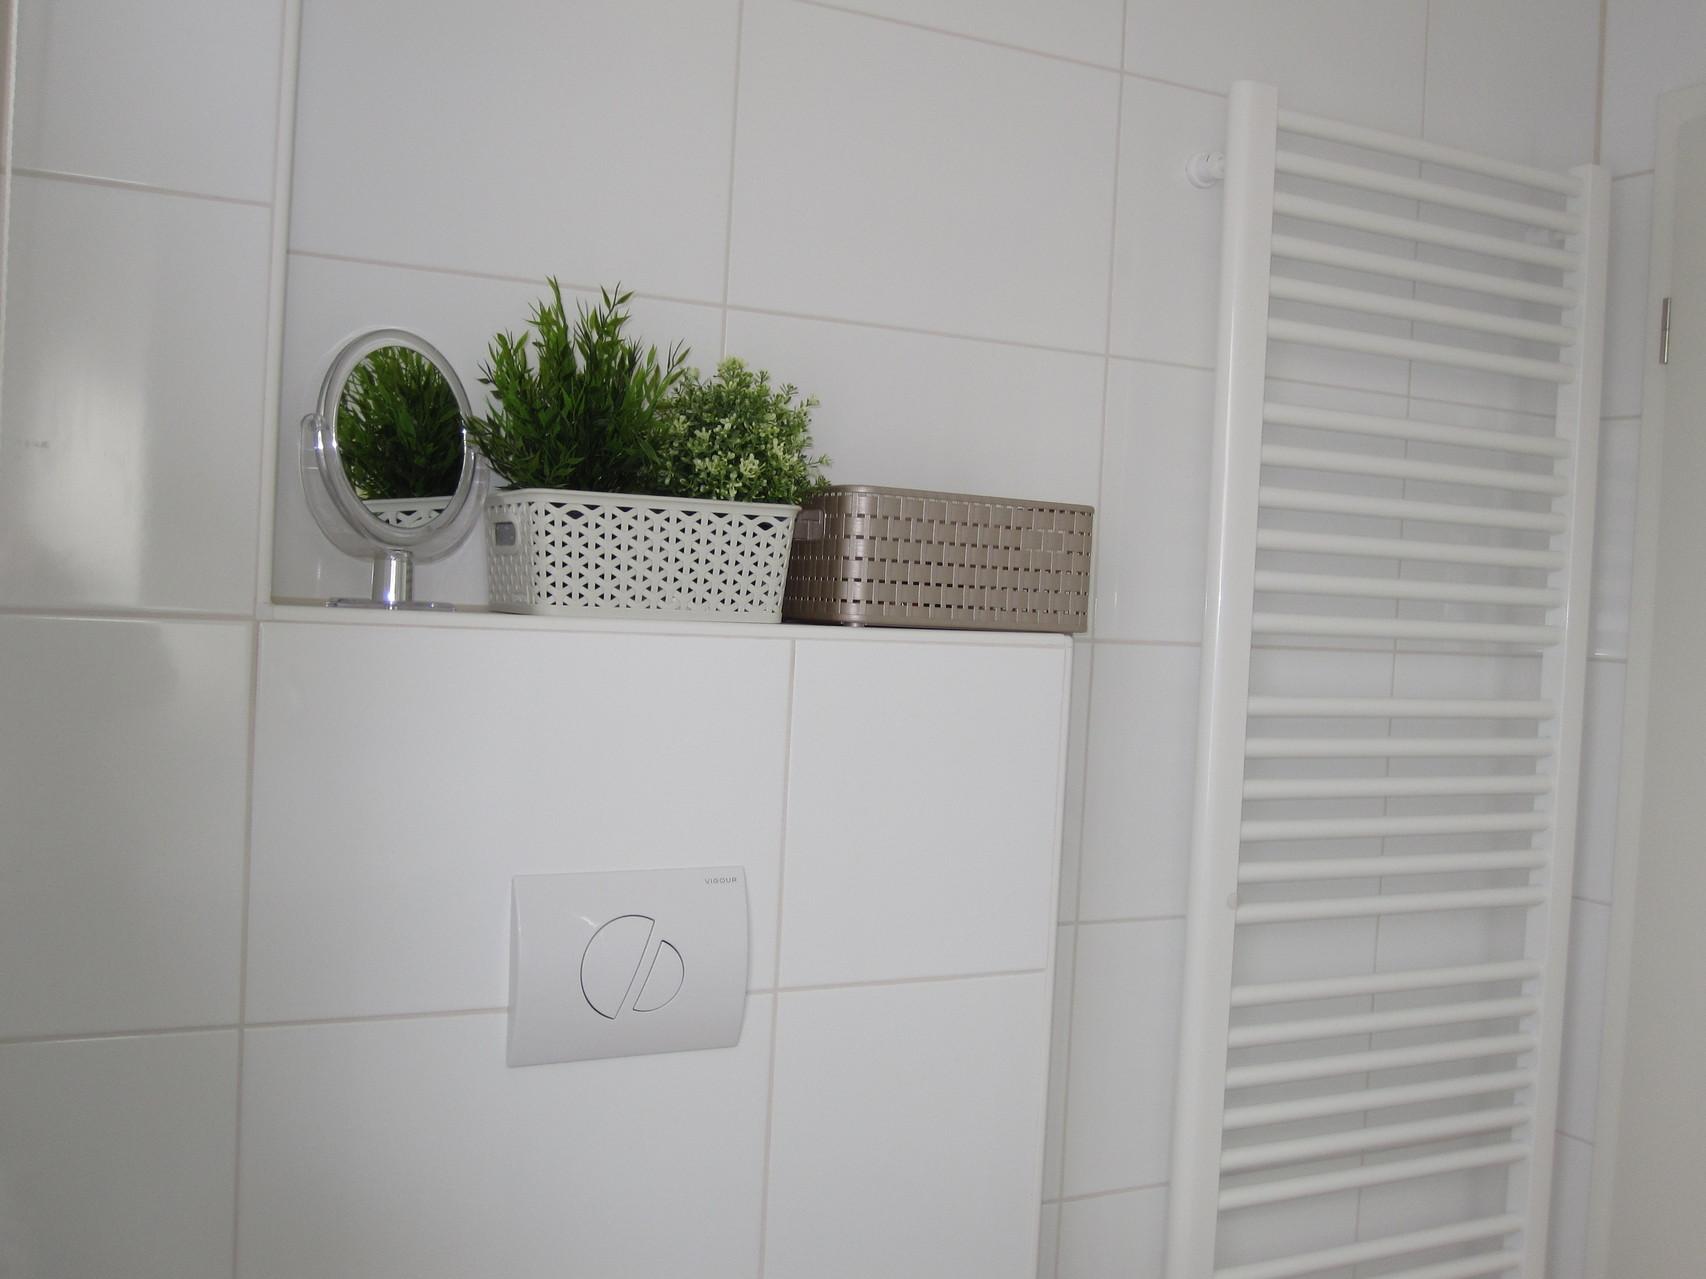 Handtuchhalterheizkörper und Kosmetikspiegel im Bad